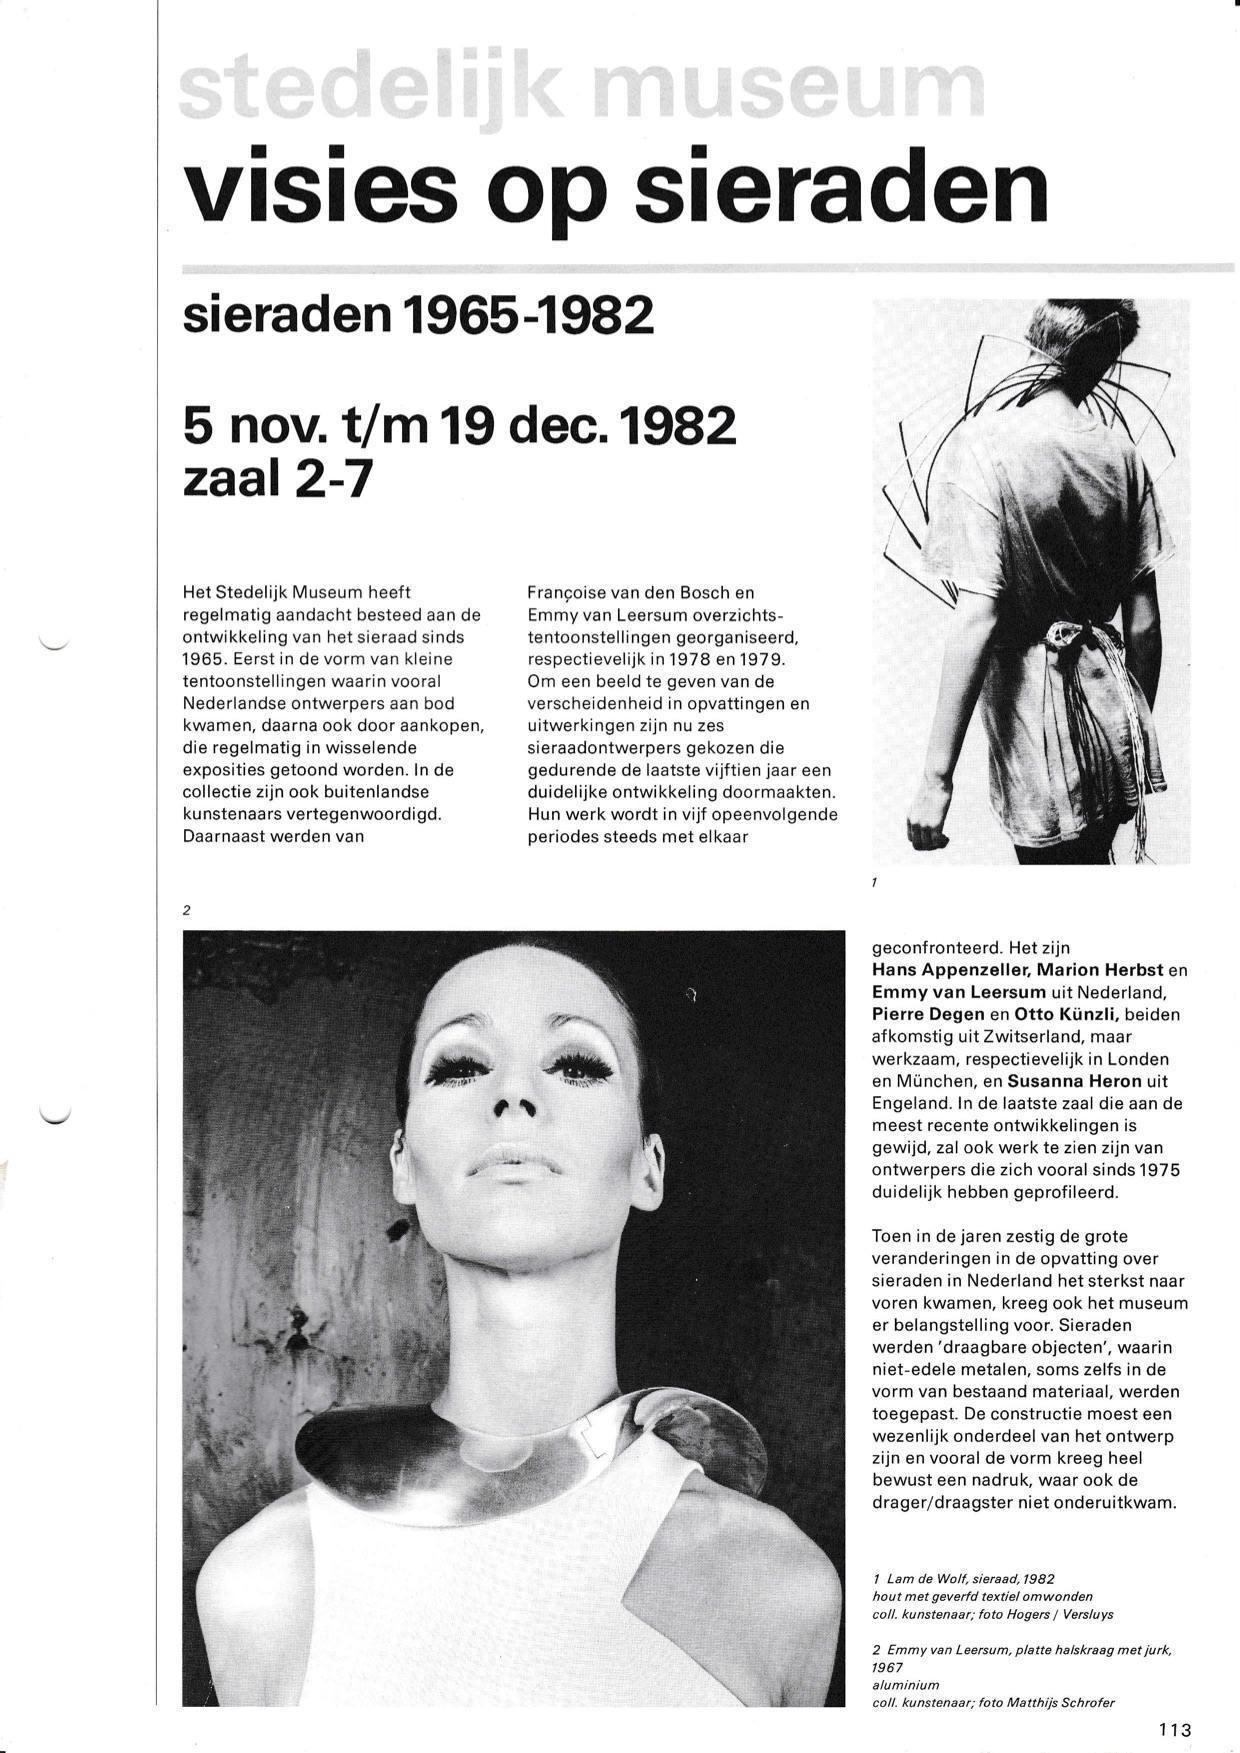 Visies op sieraden, 1982, tekstblad, foto, halssieraad Emmy van Leersum